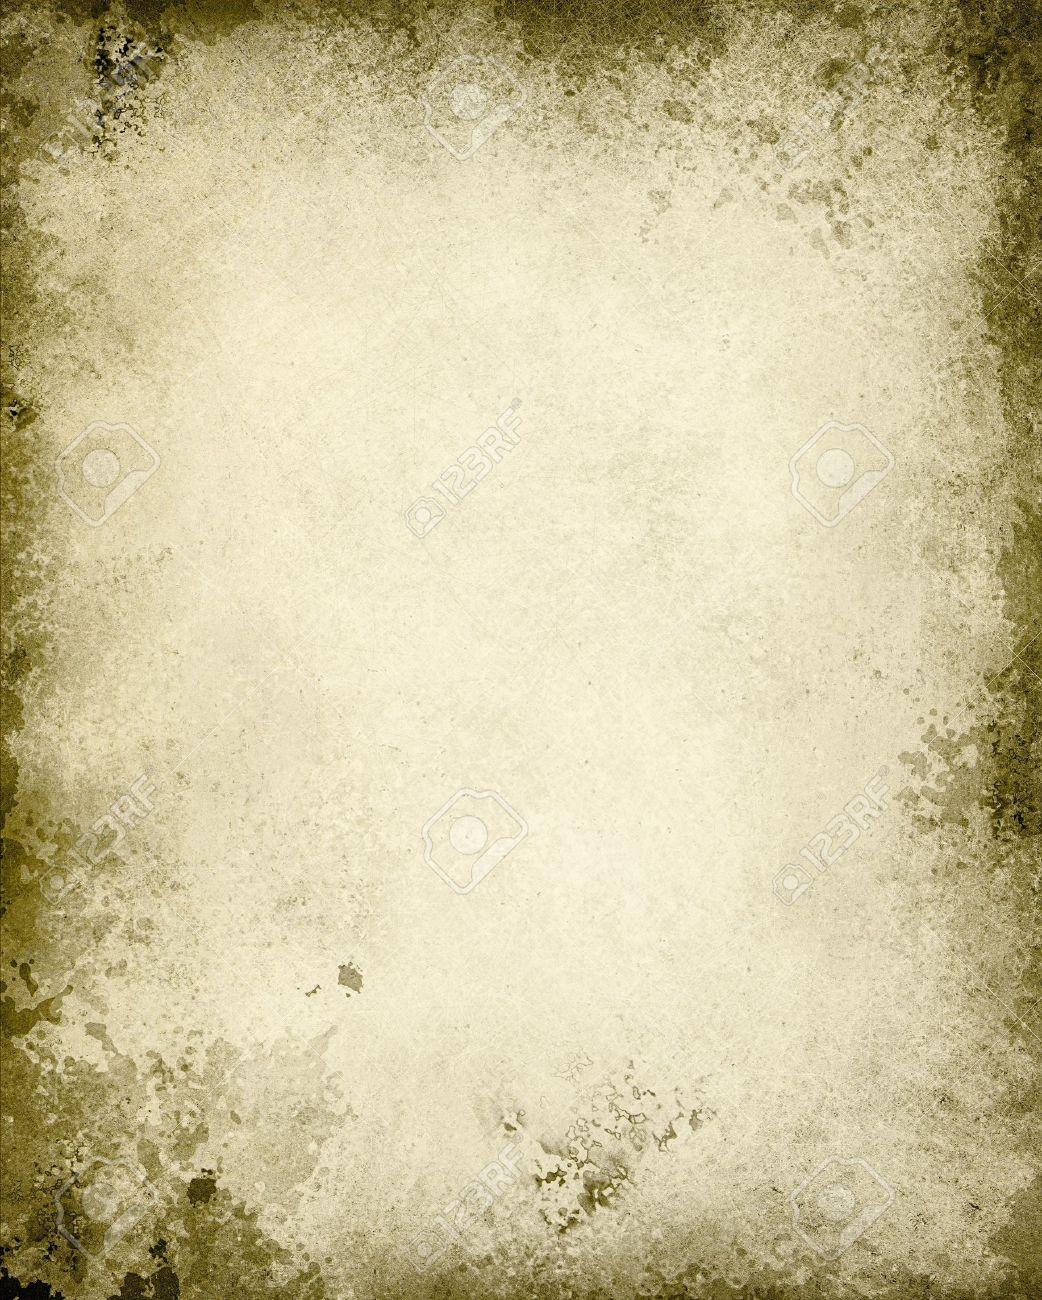 Papel Viejo Blanco Bordes Marrones Quemados, Abstracto, Blanco ...